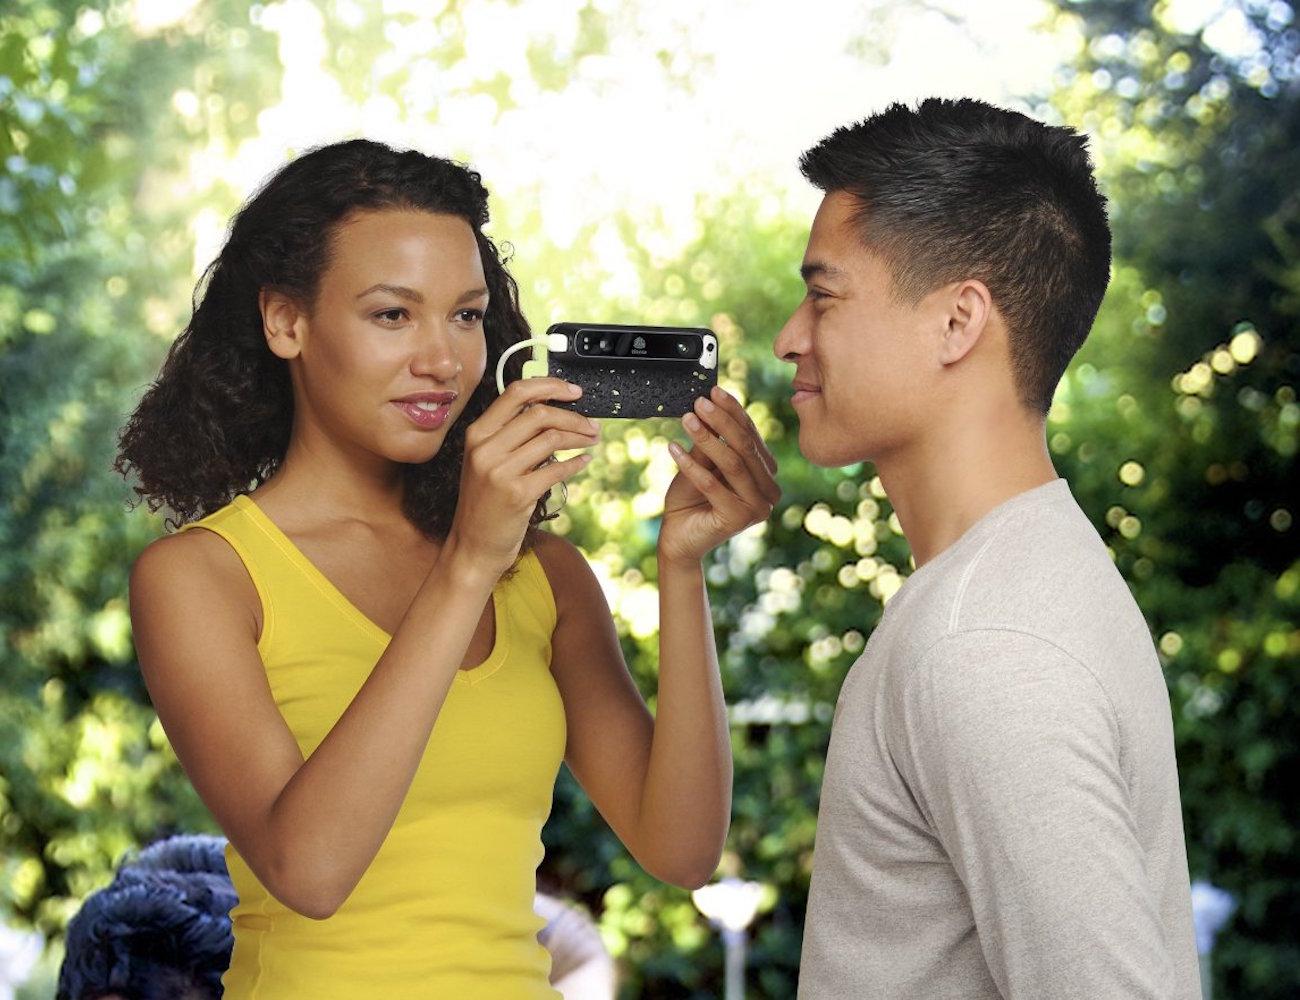 isense-3d-scanner-kit-for-iphone-01